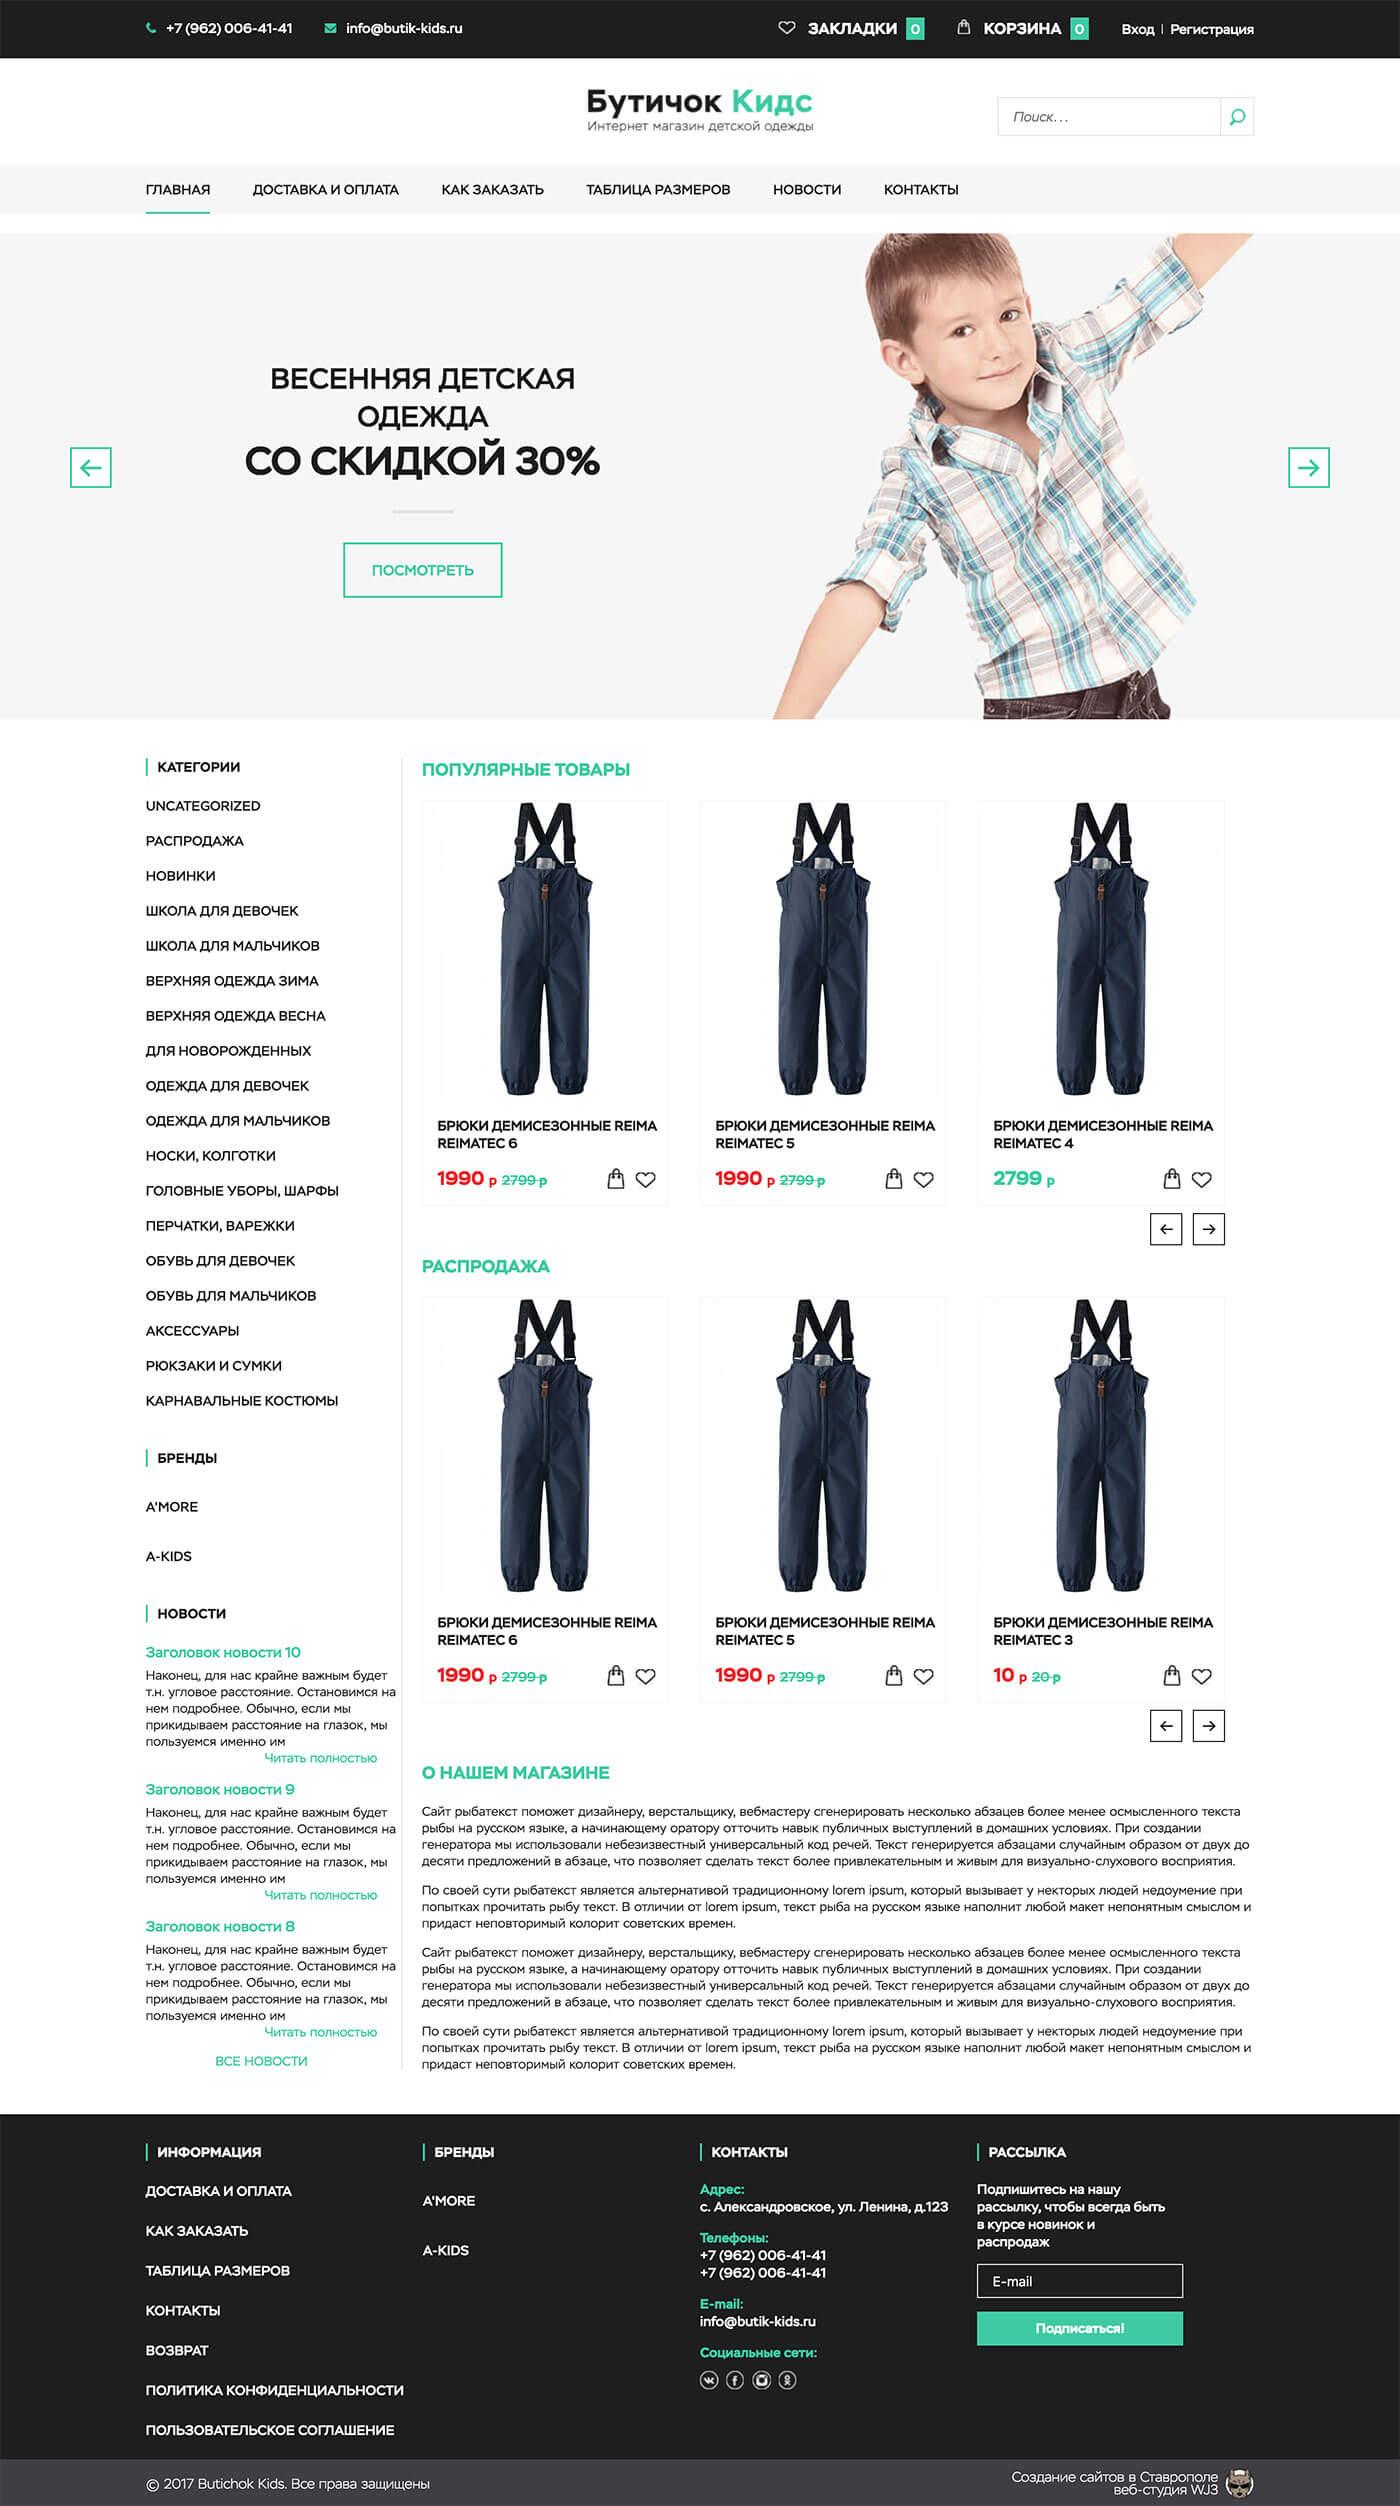 Интернет-магазин детской одежды Бутичок Кидс